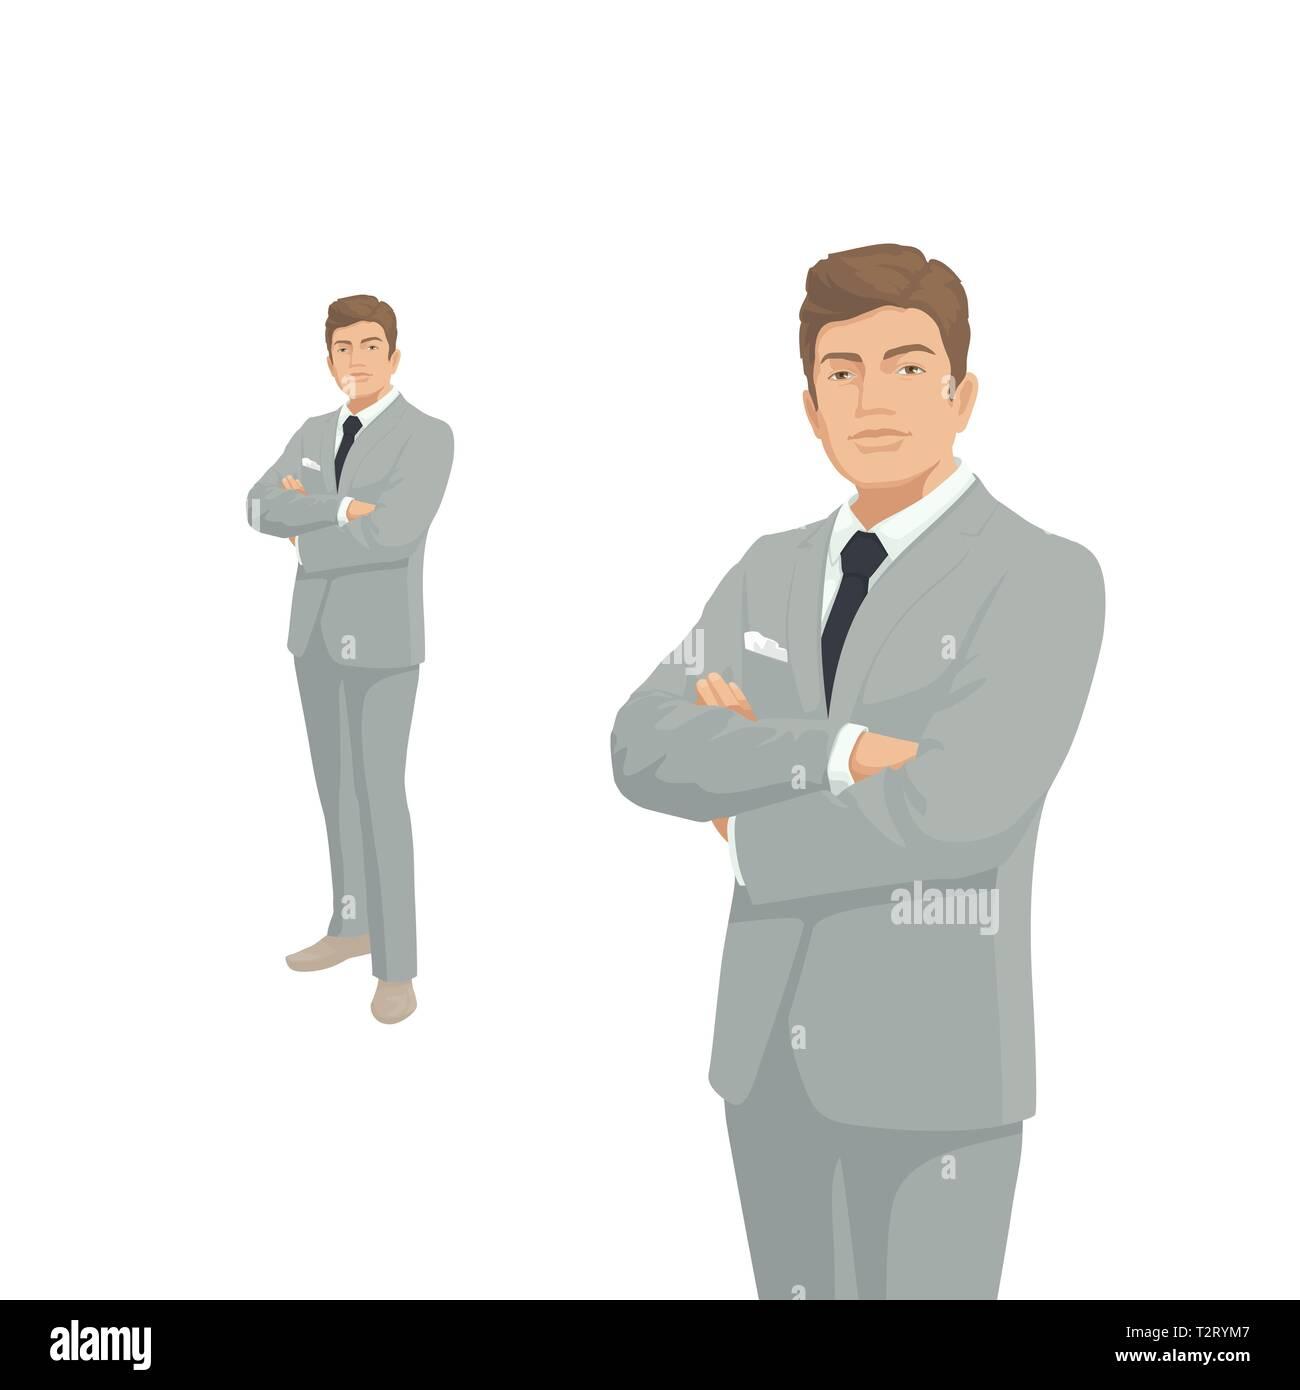 3615ee4ebaa4 Imprenditore elegante in grigio costume. Il Boss, imprenditore, manager.  Persone di carattere. Ritratto di lunghezza completa. Vista frontale l'uomo.